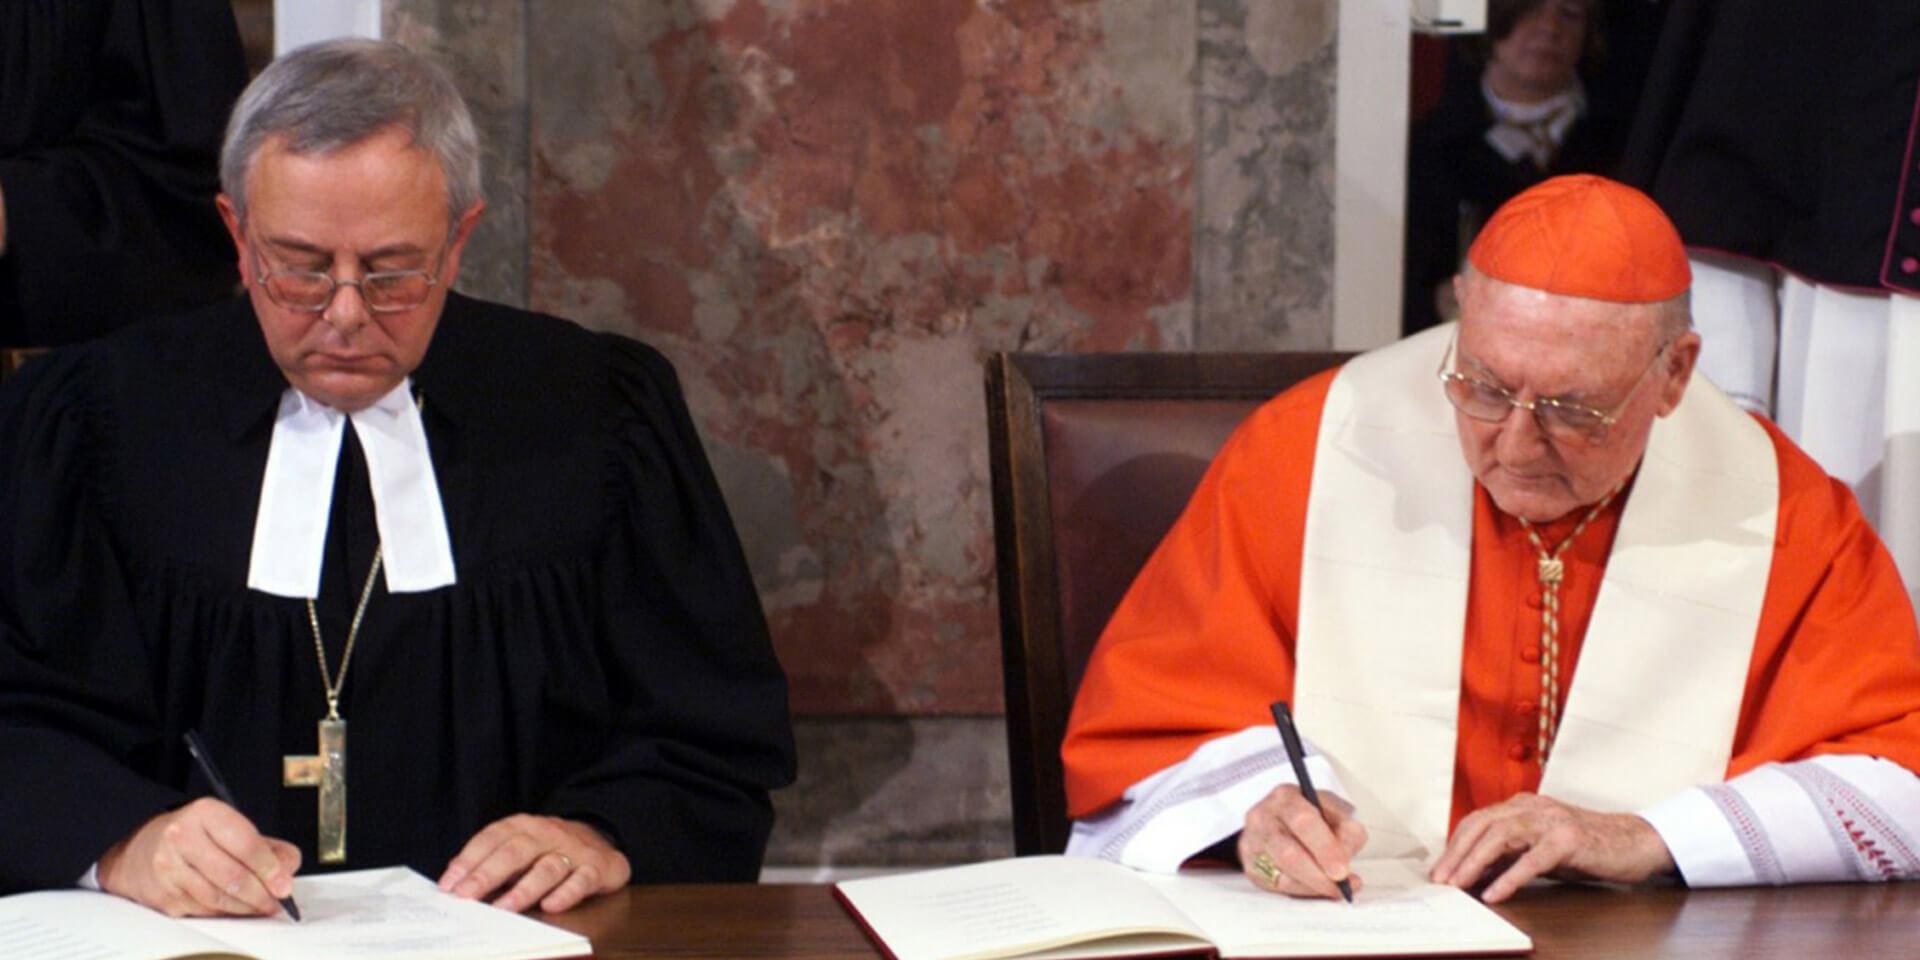 Unterzeichnung der Gemeinsame Erklärung zur Rechtfertigungslehre